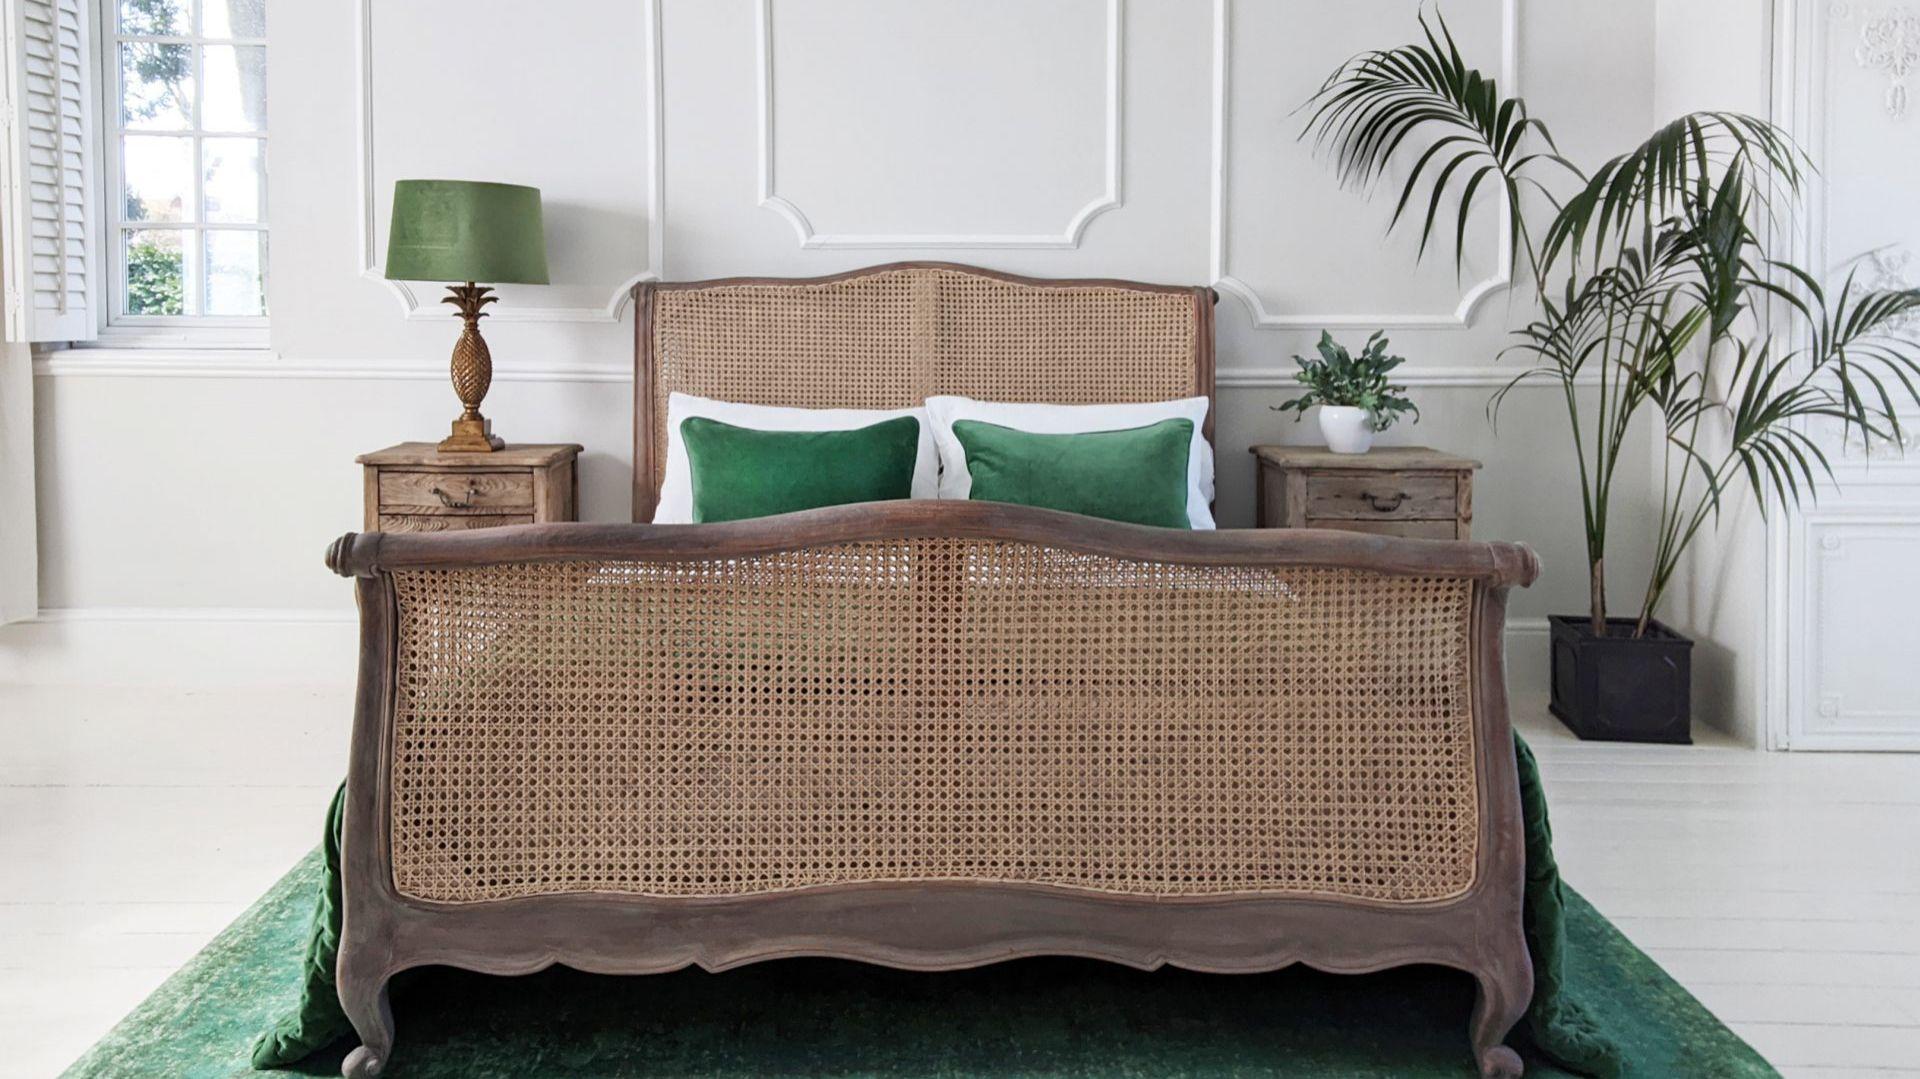 Rattanowe łóżko w klasycznym stylu. Fot. The French Bedroom Co